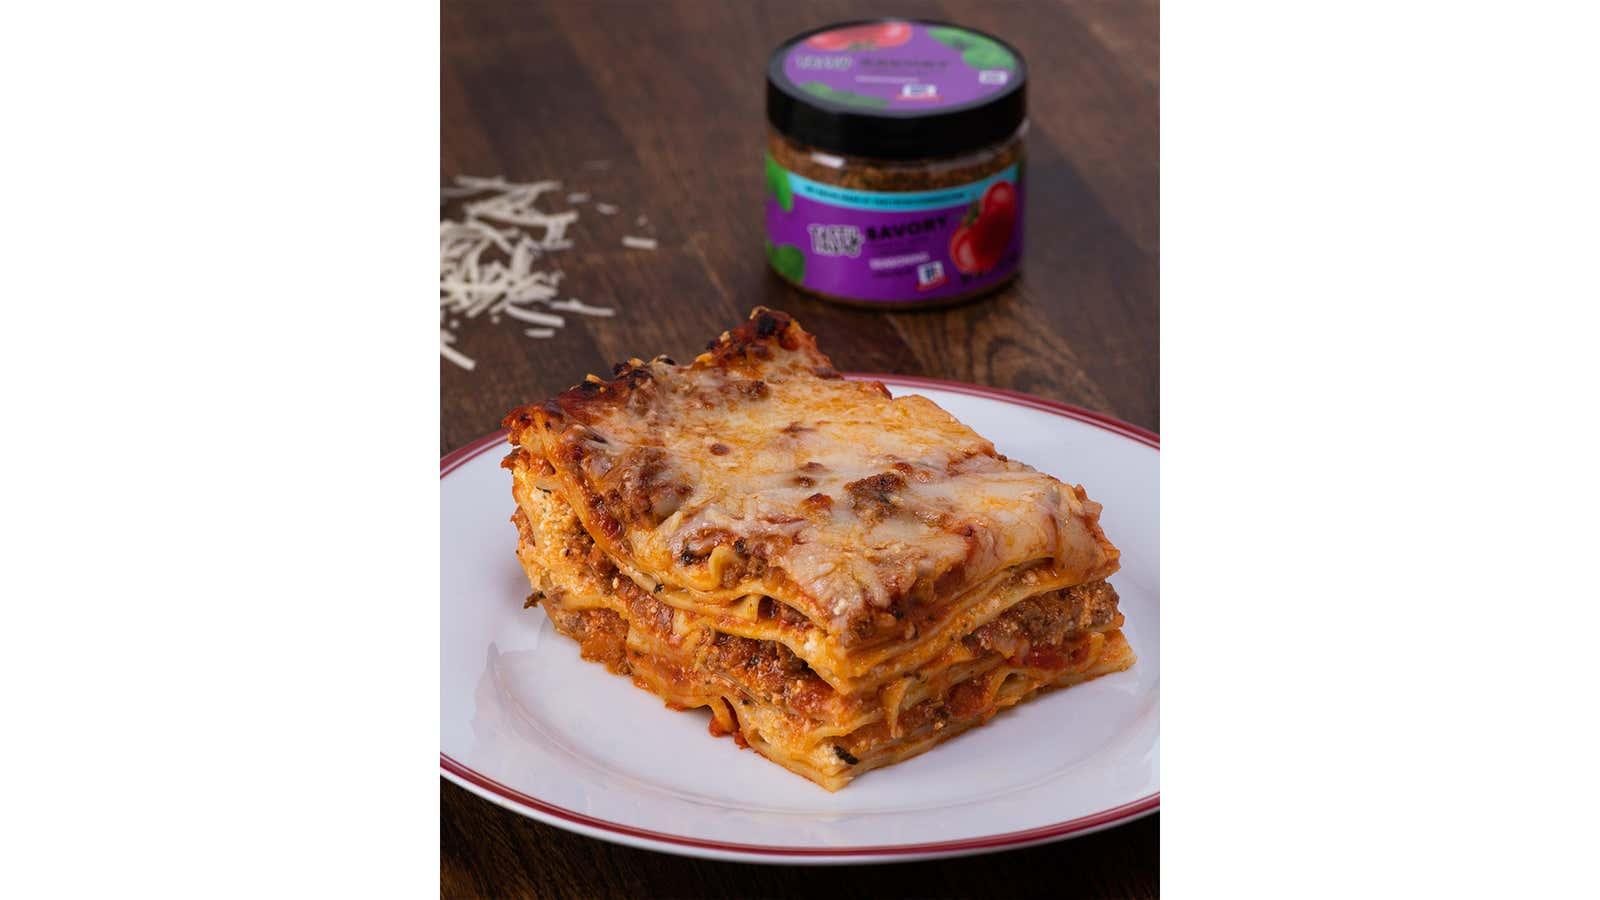 Savoury Lasagna